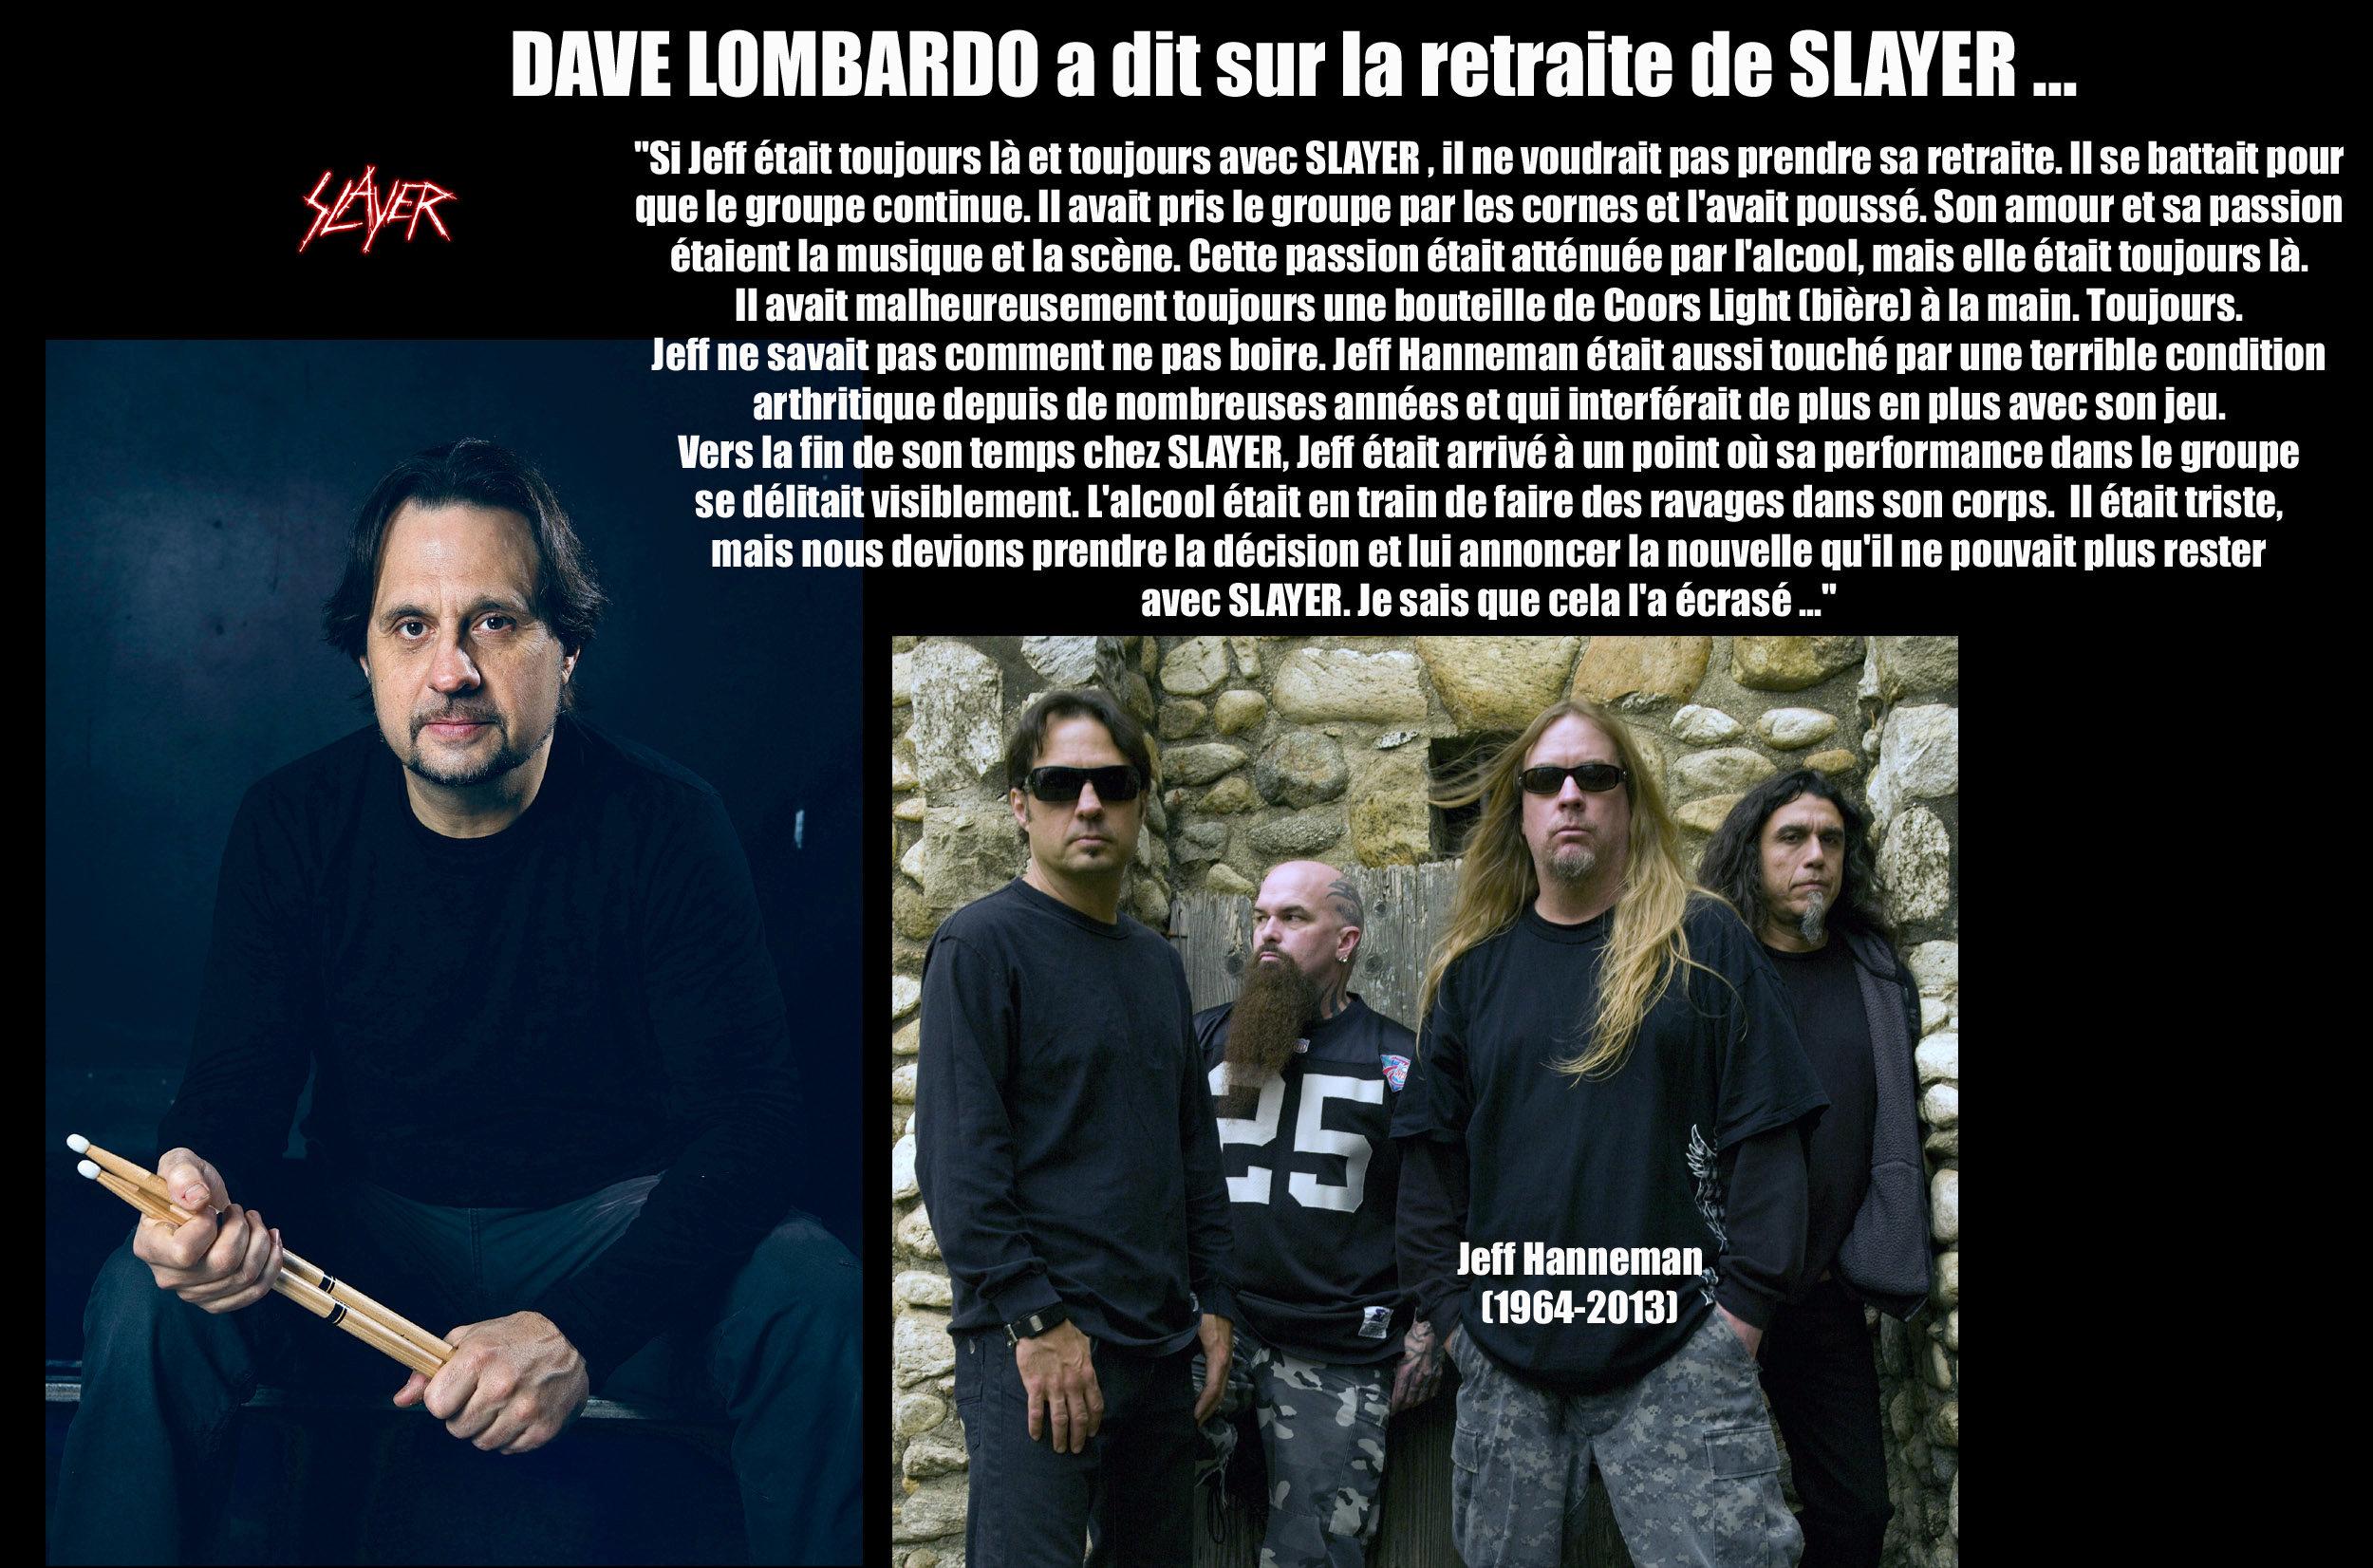 DAVE LOMBARDO a dit ... à propos de la retraite de SLAYER Zone_m14